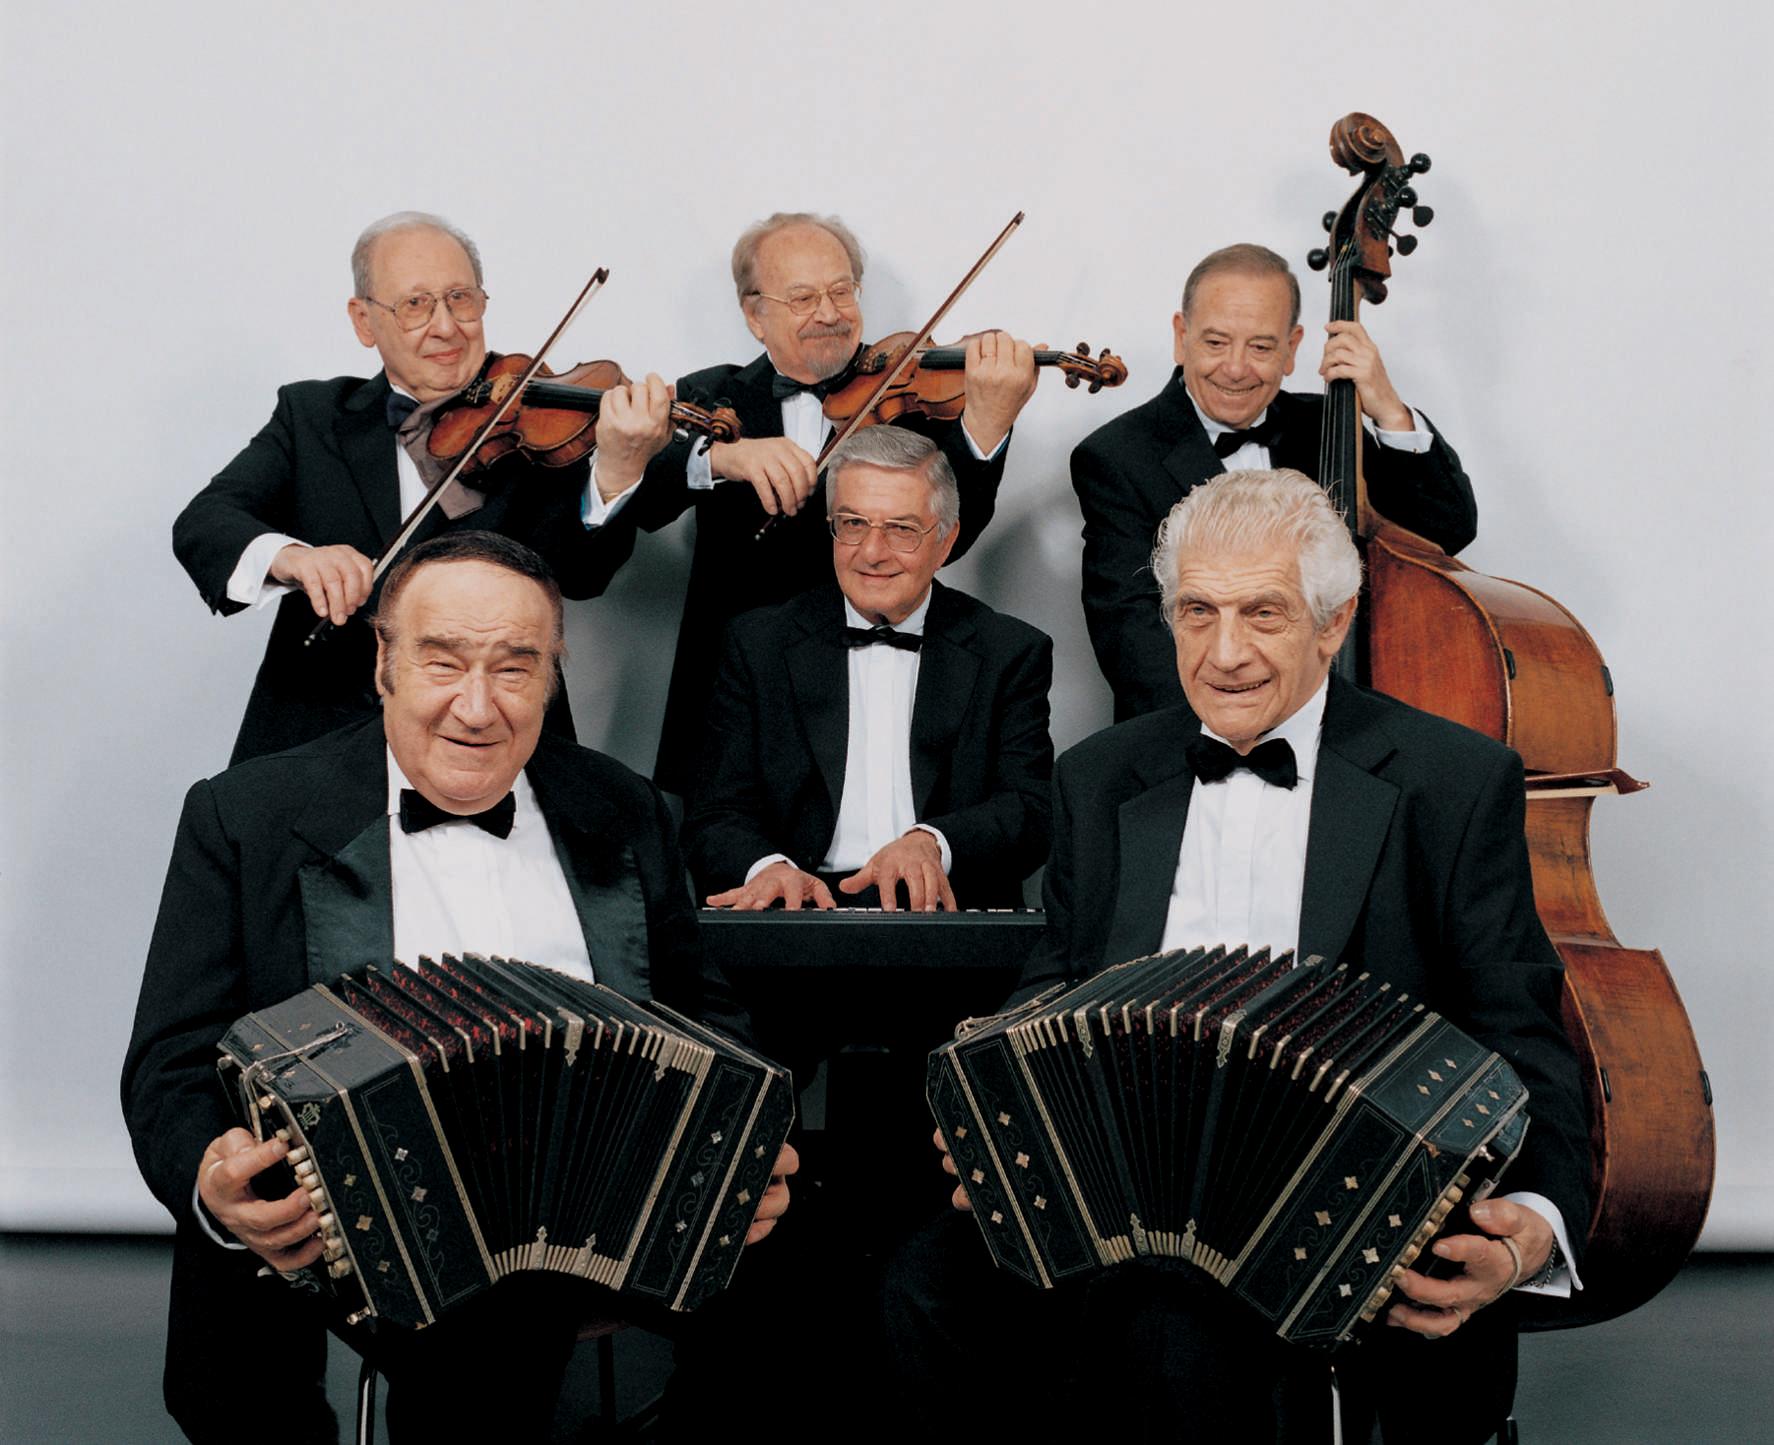 Надписью, исполнители с различными музыкальными инструментами картинки